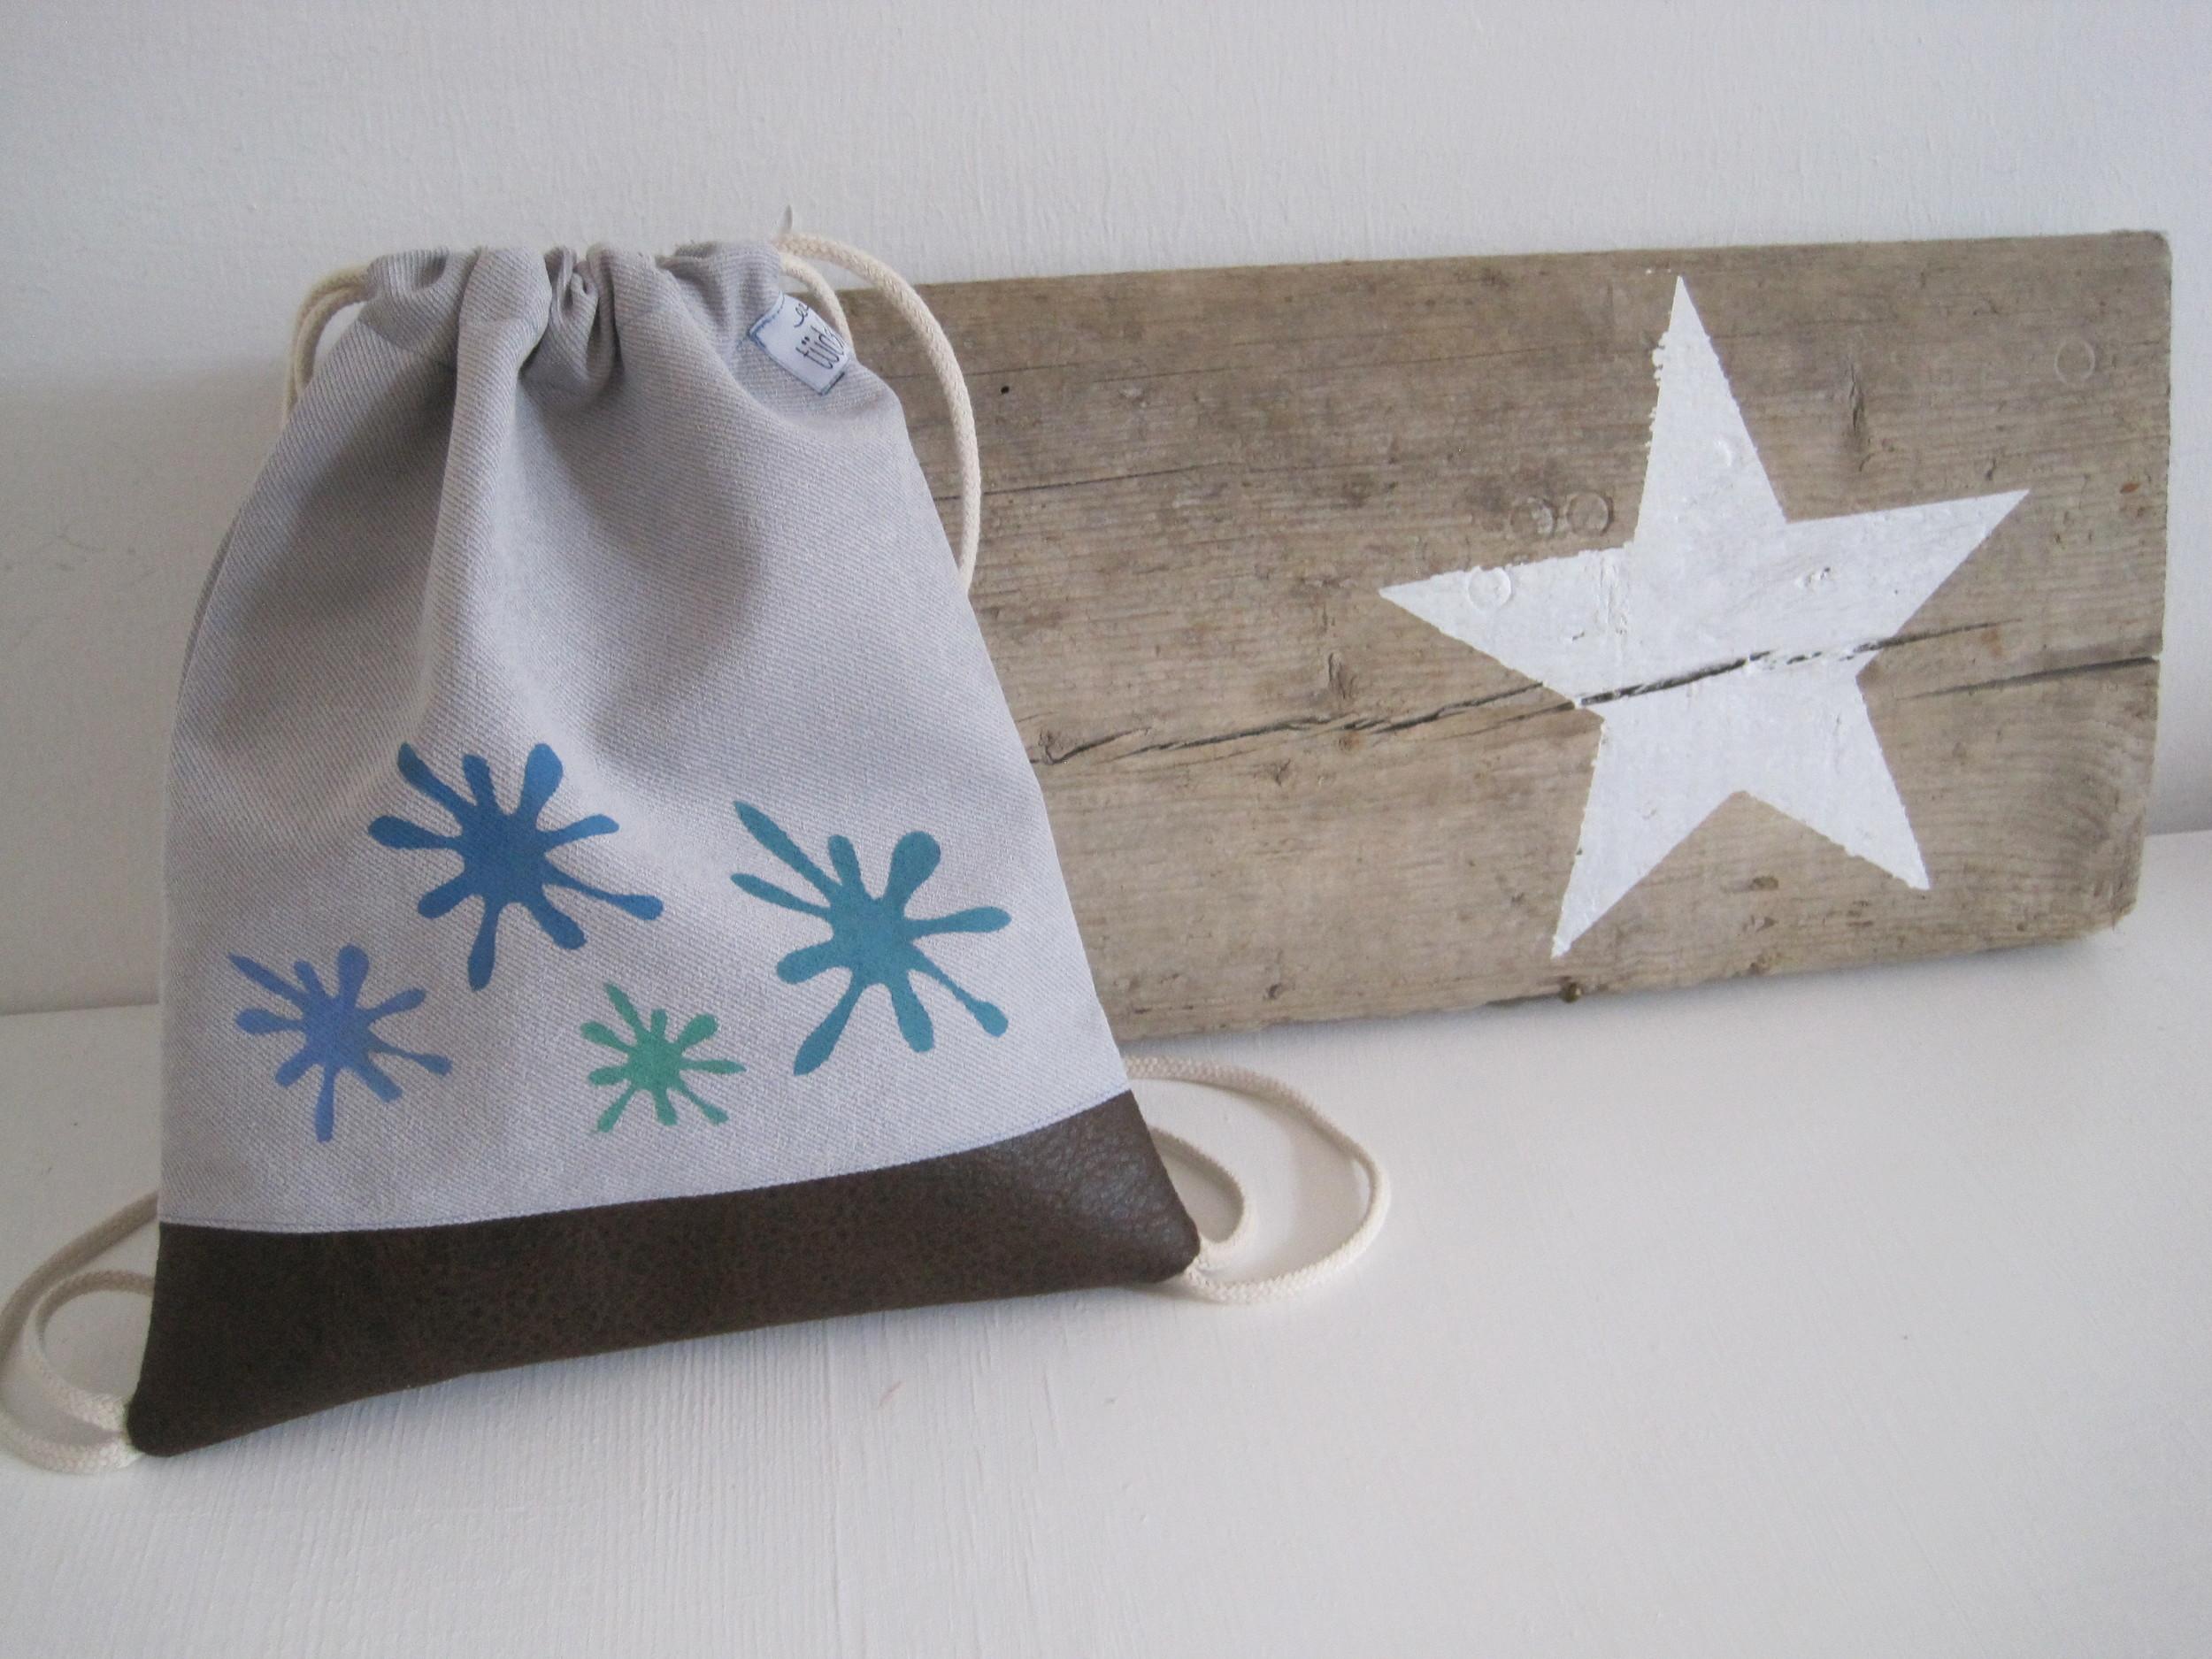 Kinderbeutelrucksack mit deinem Wunschnamen und Motiv  25€